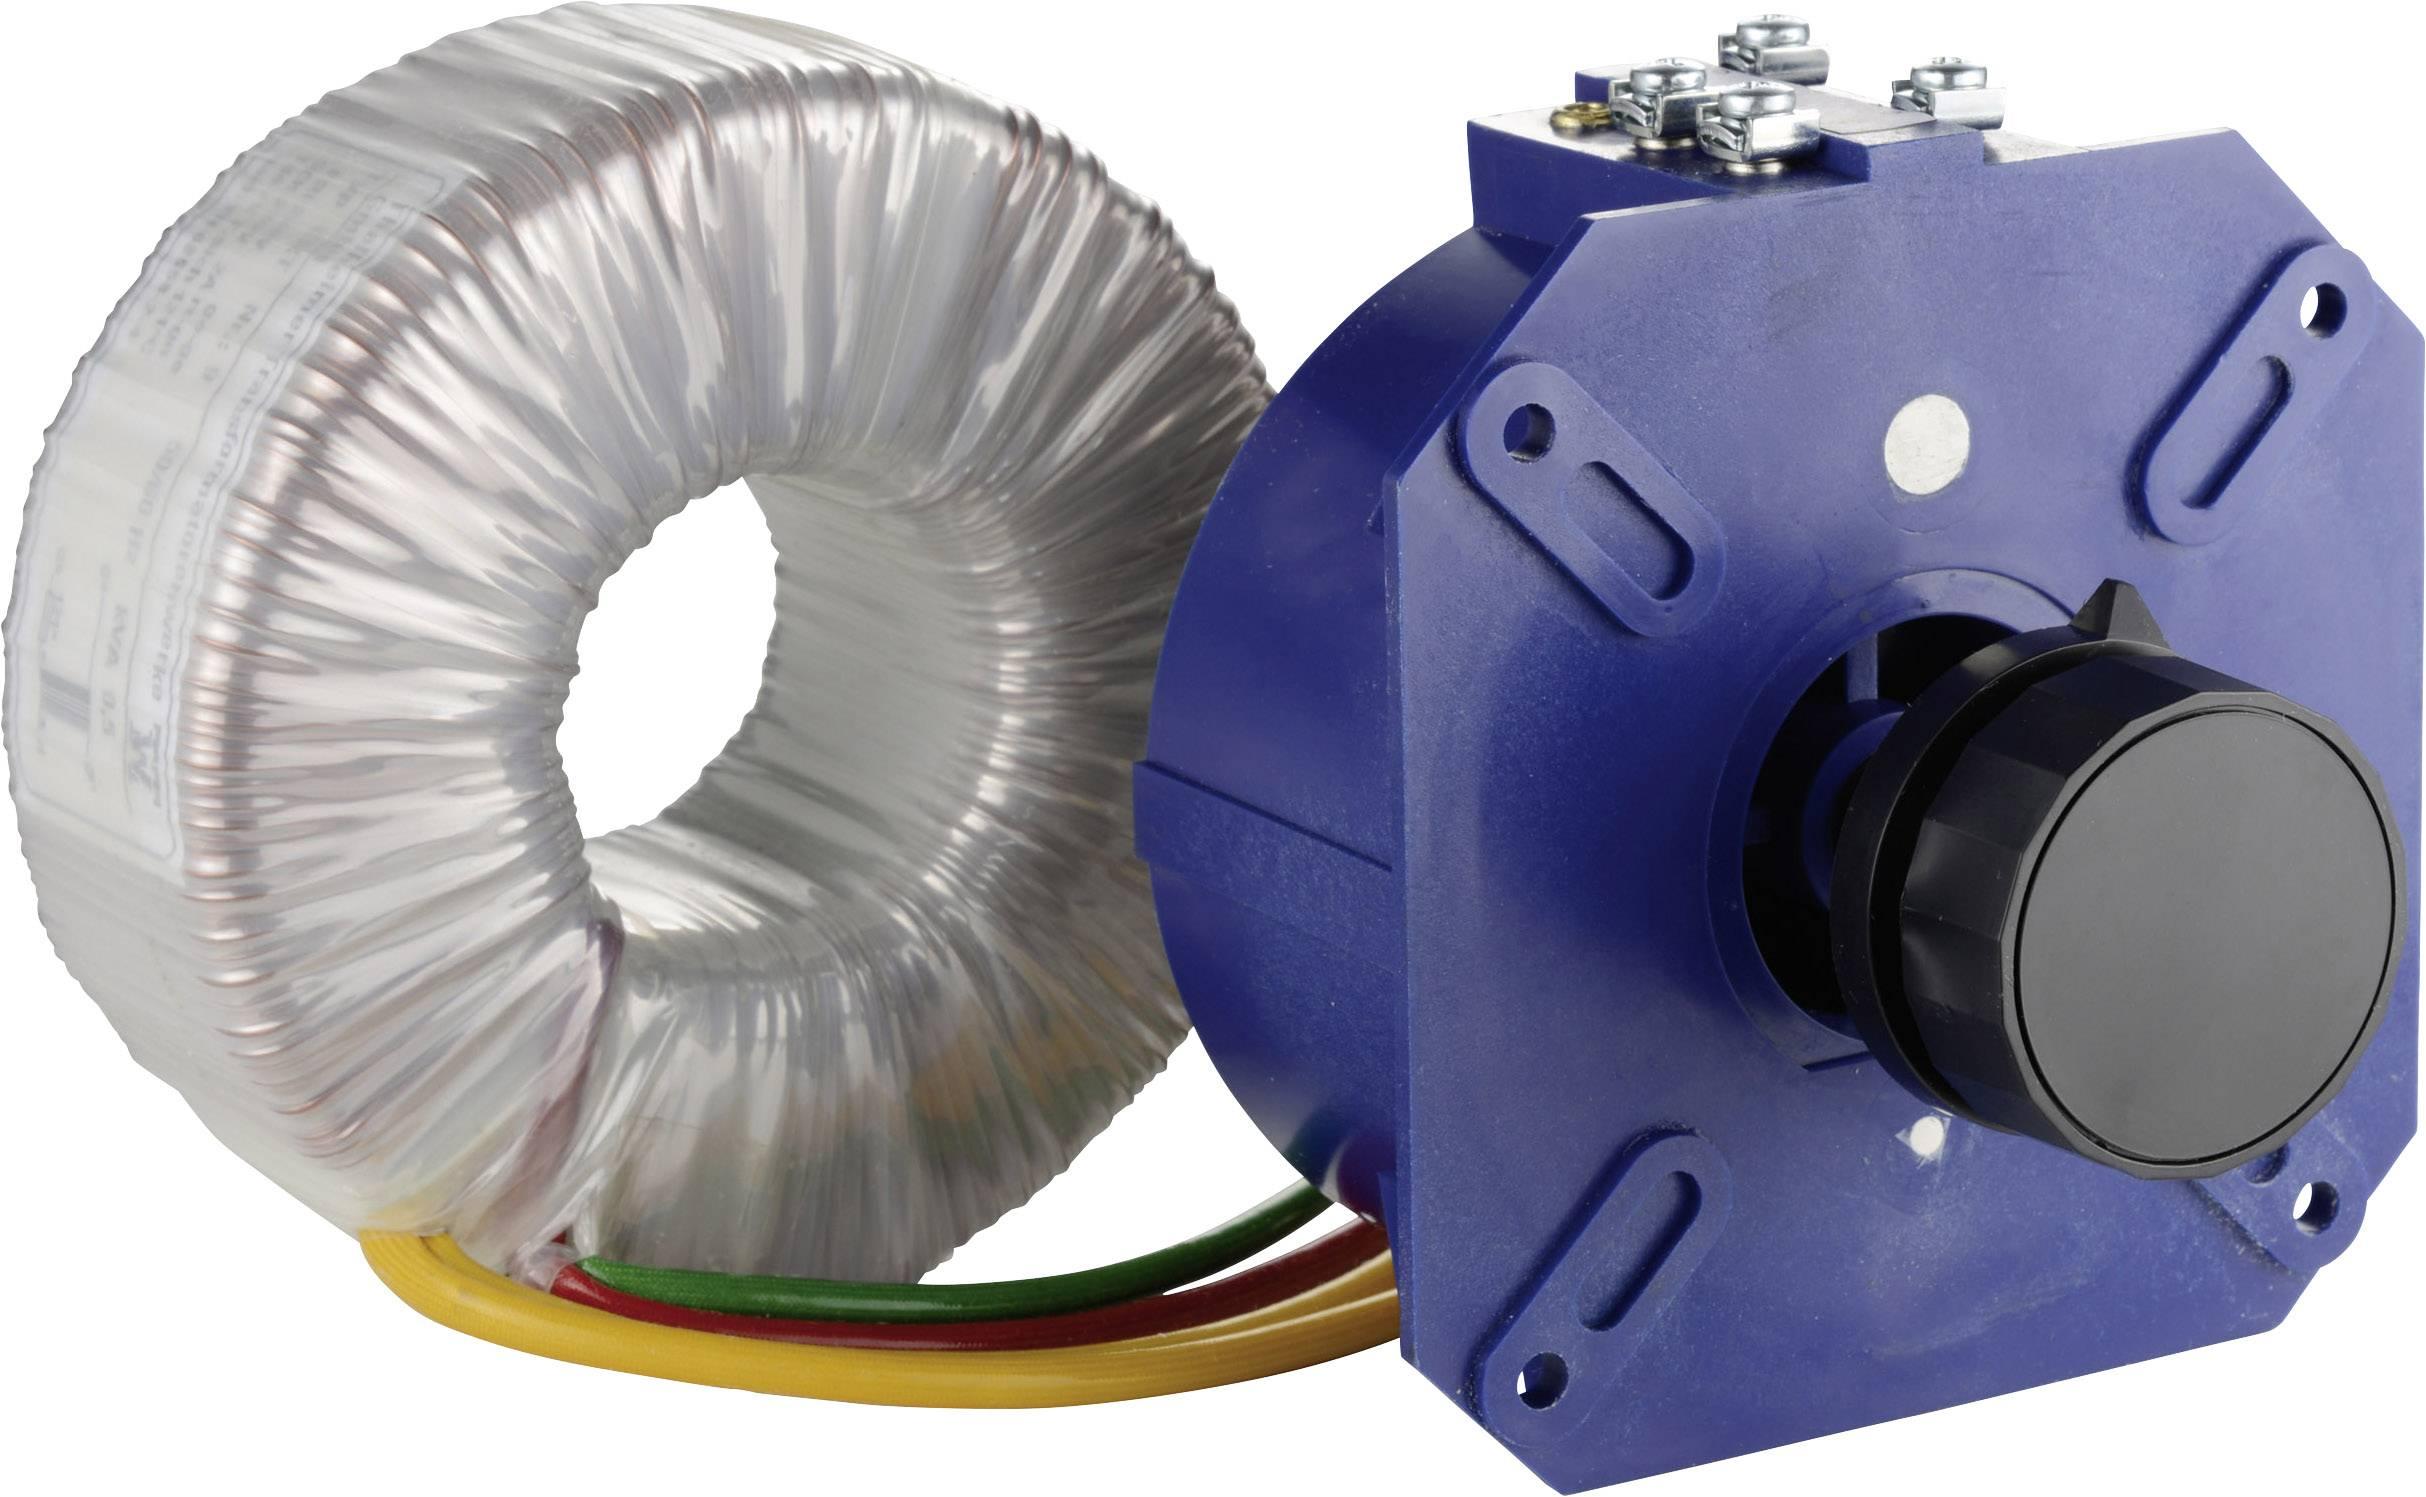 Regulačný transformátor Thalheimer TSE 002, 368 VA